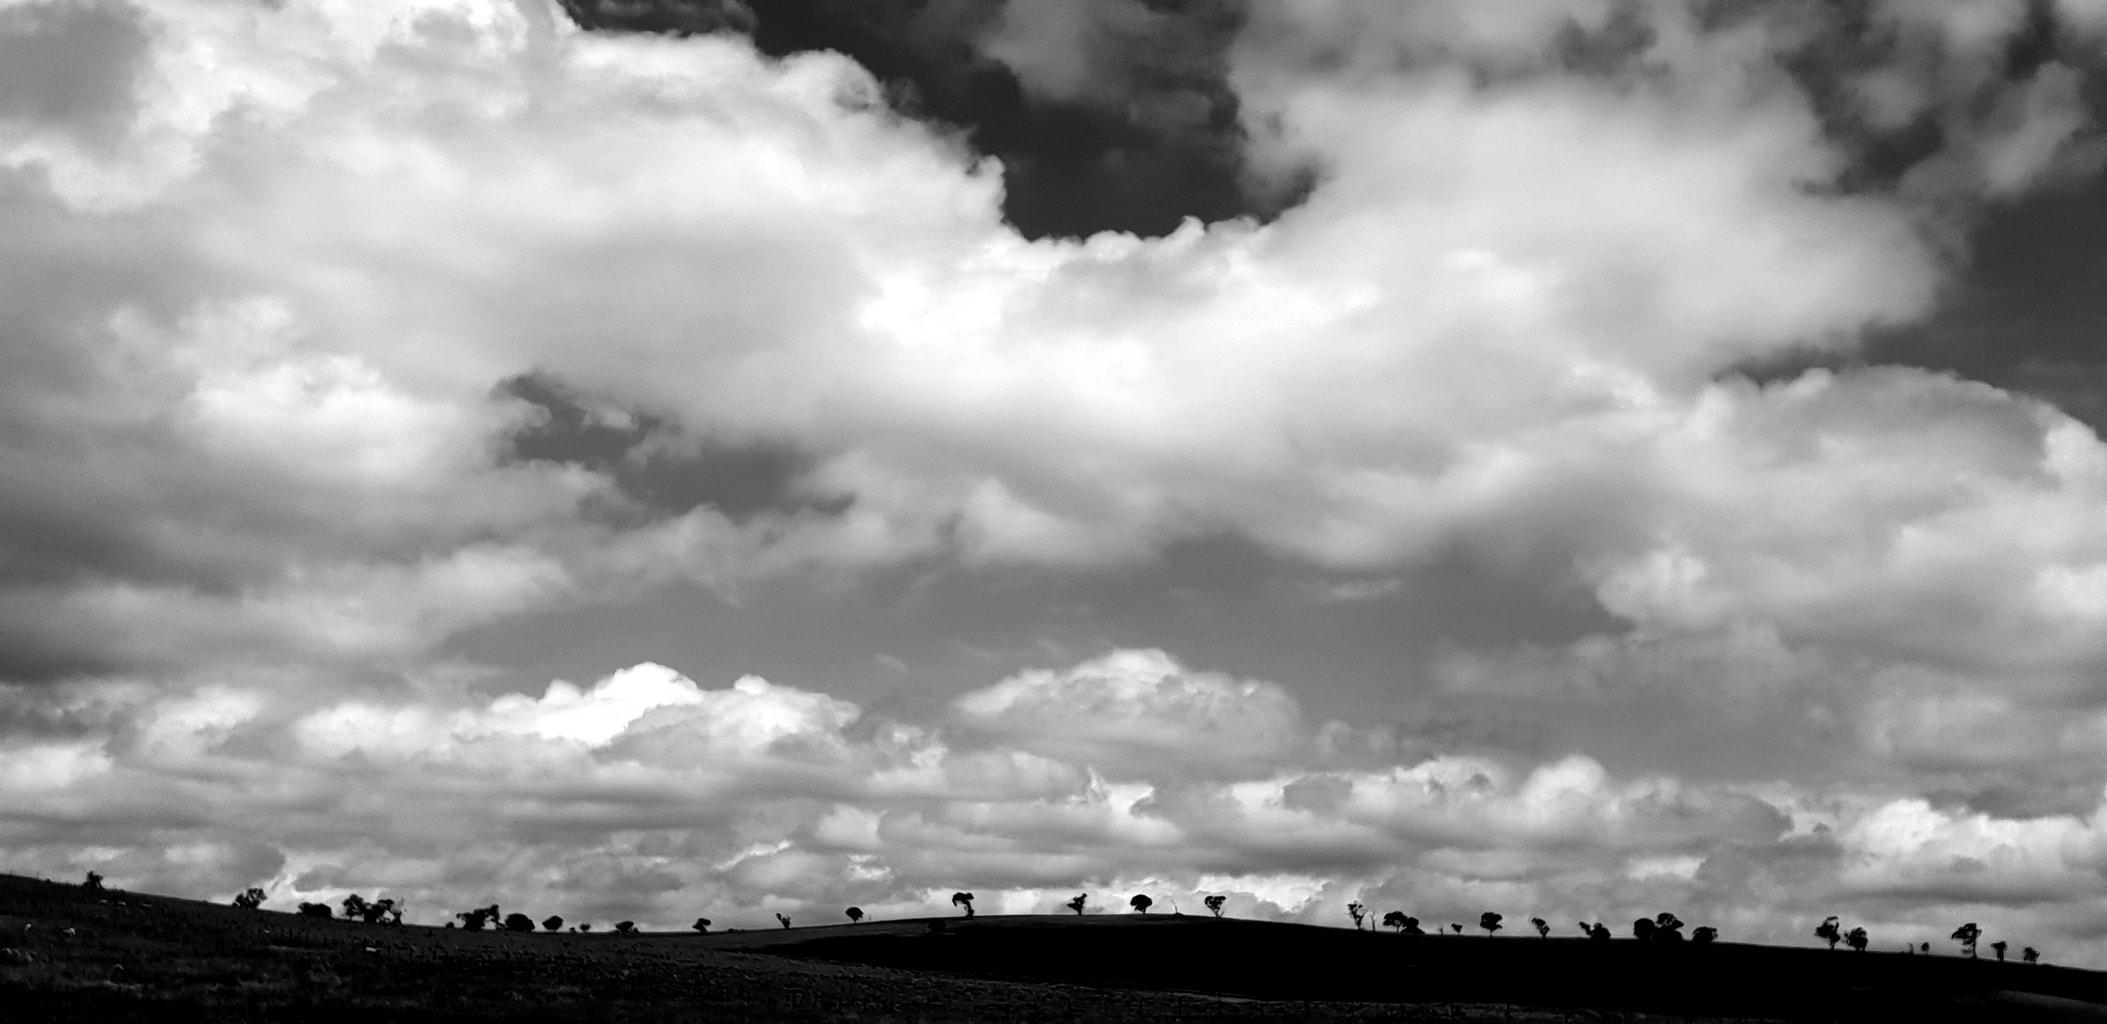 foto de nubes y cielo tomada con un smartphone samsung Galaxy S9